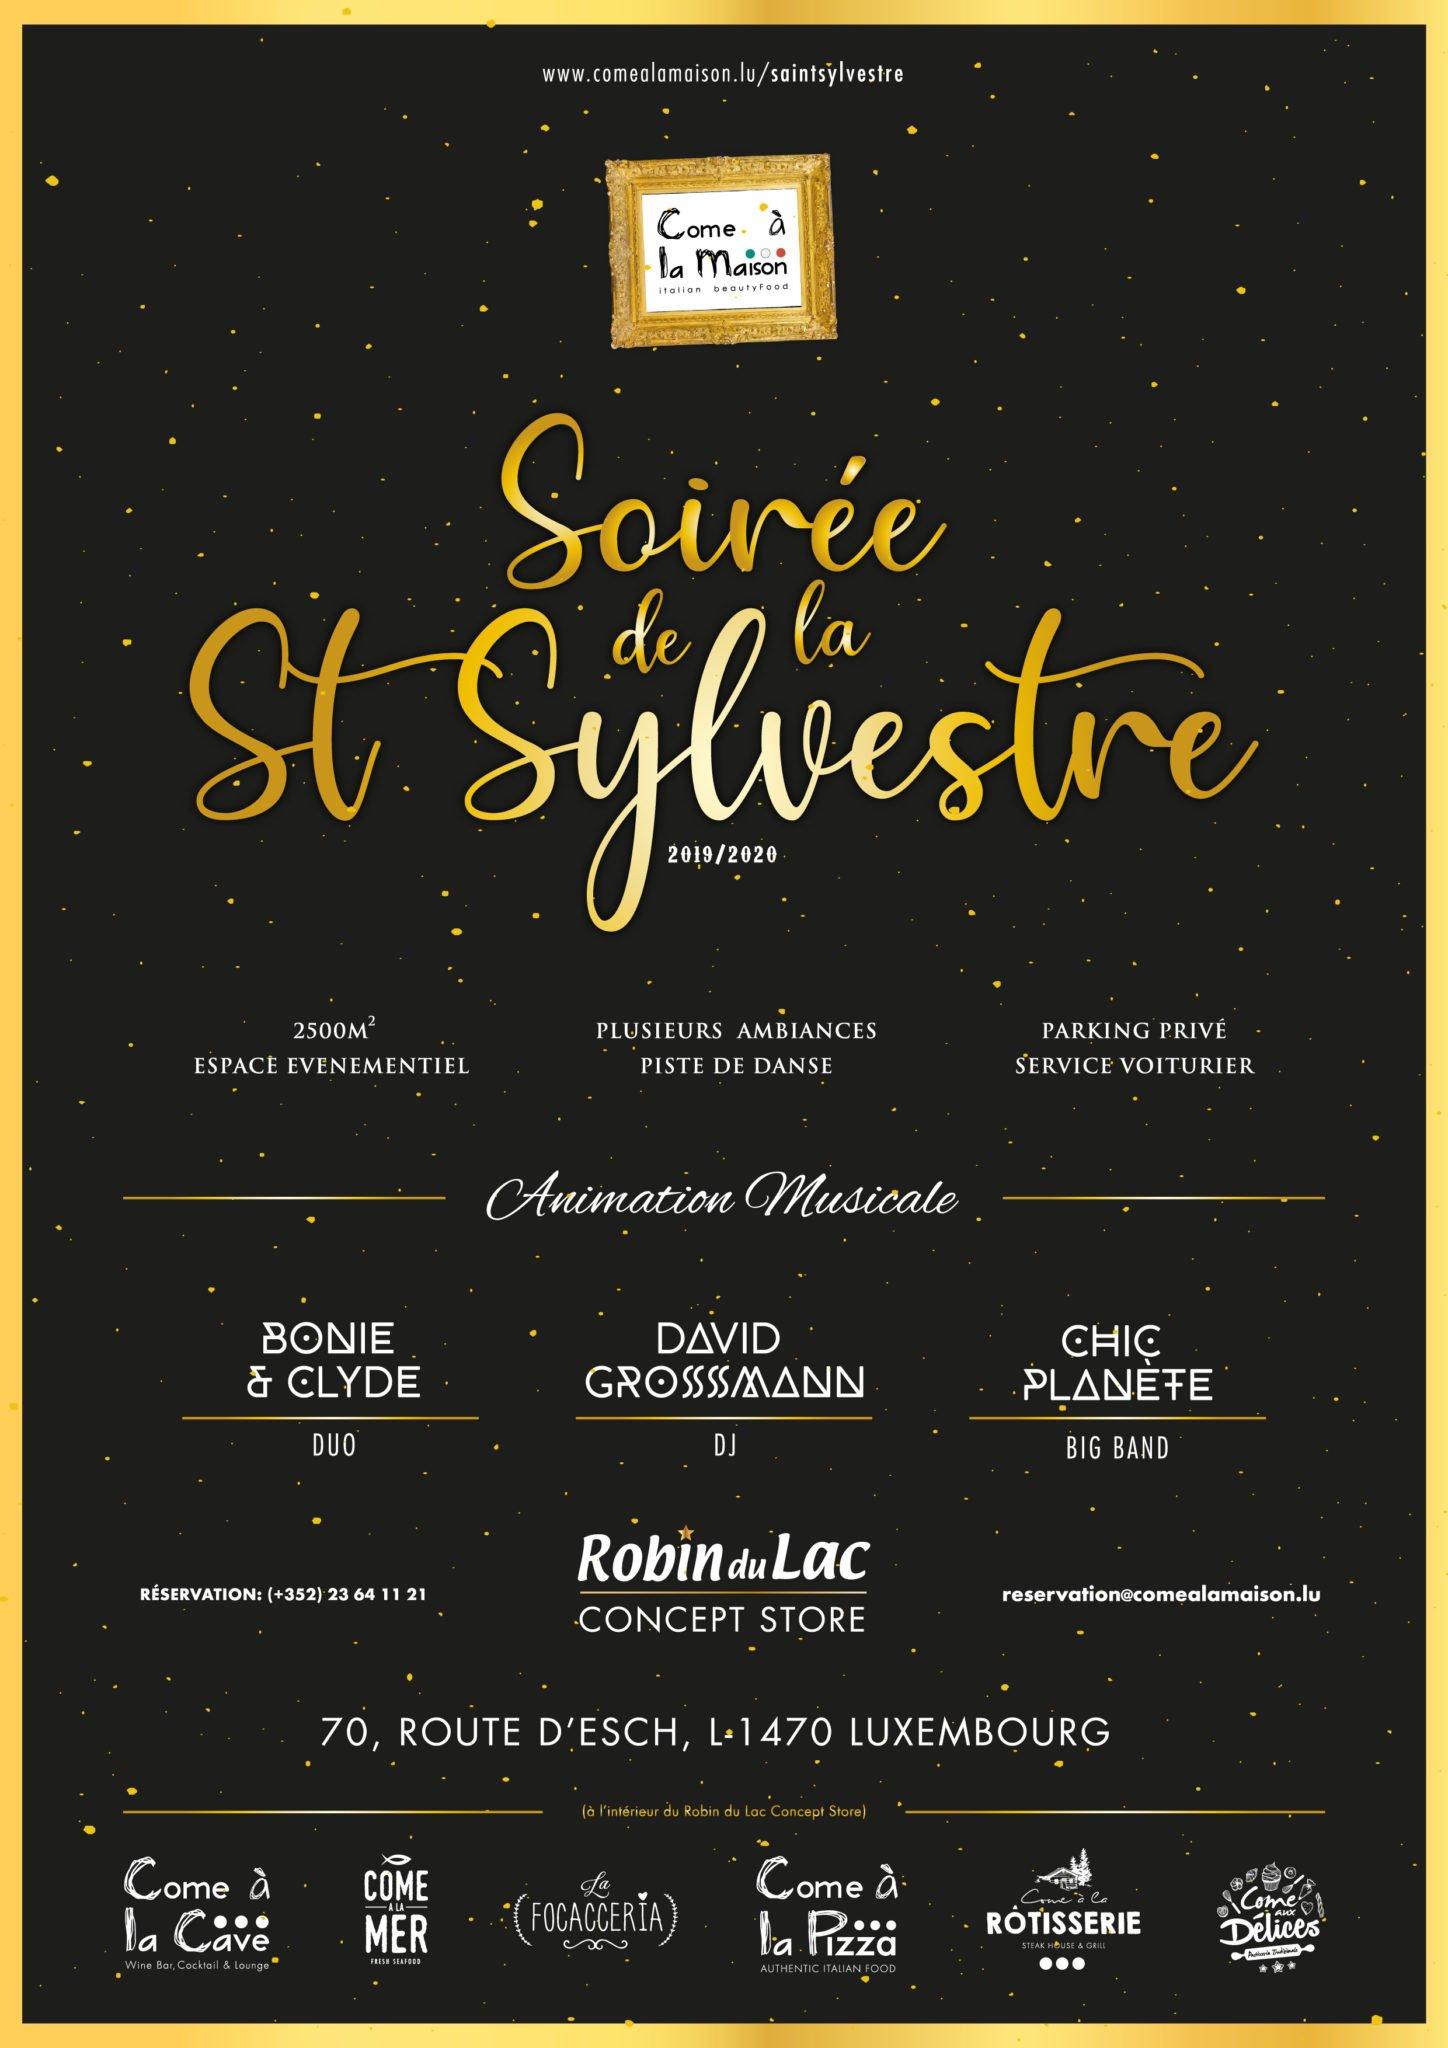 Saint-Sylvestre 2019 / 2020